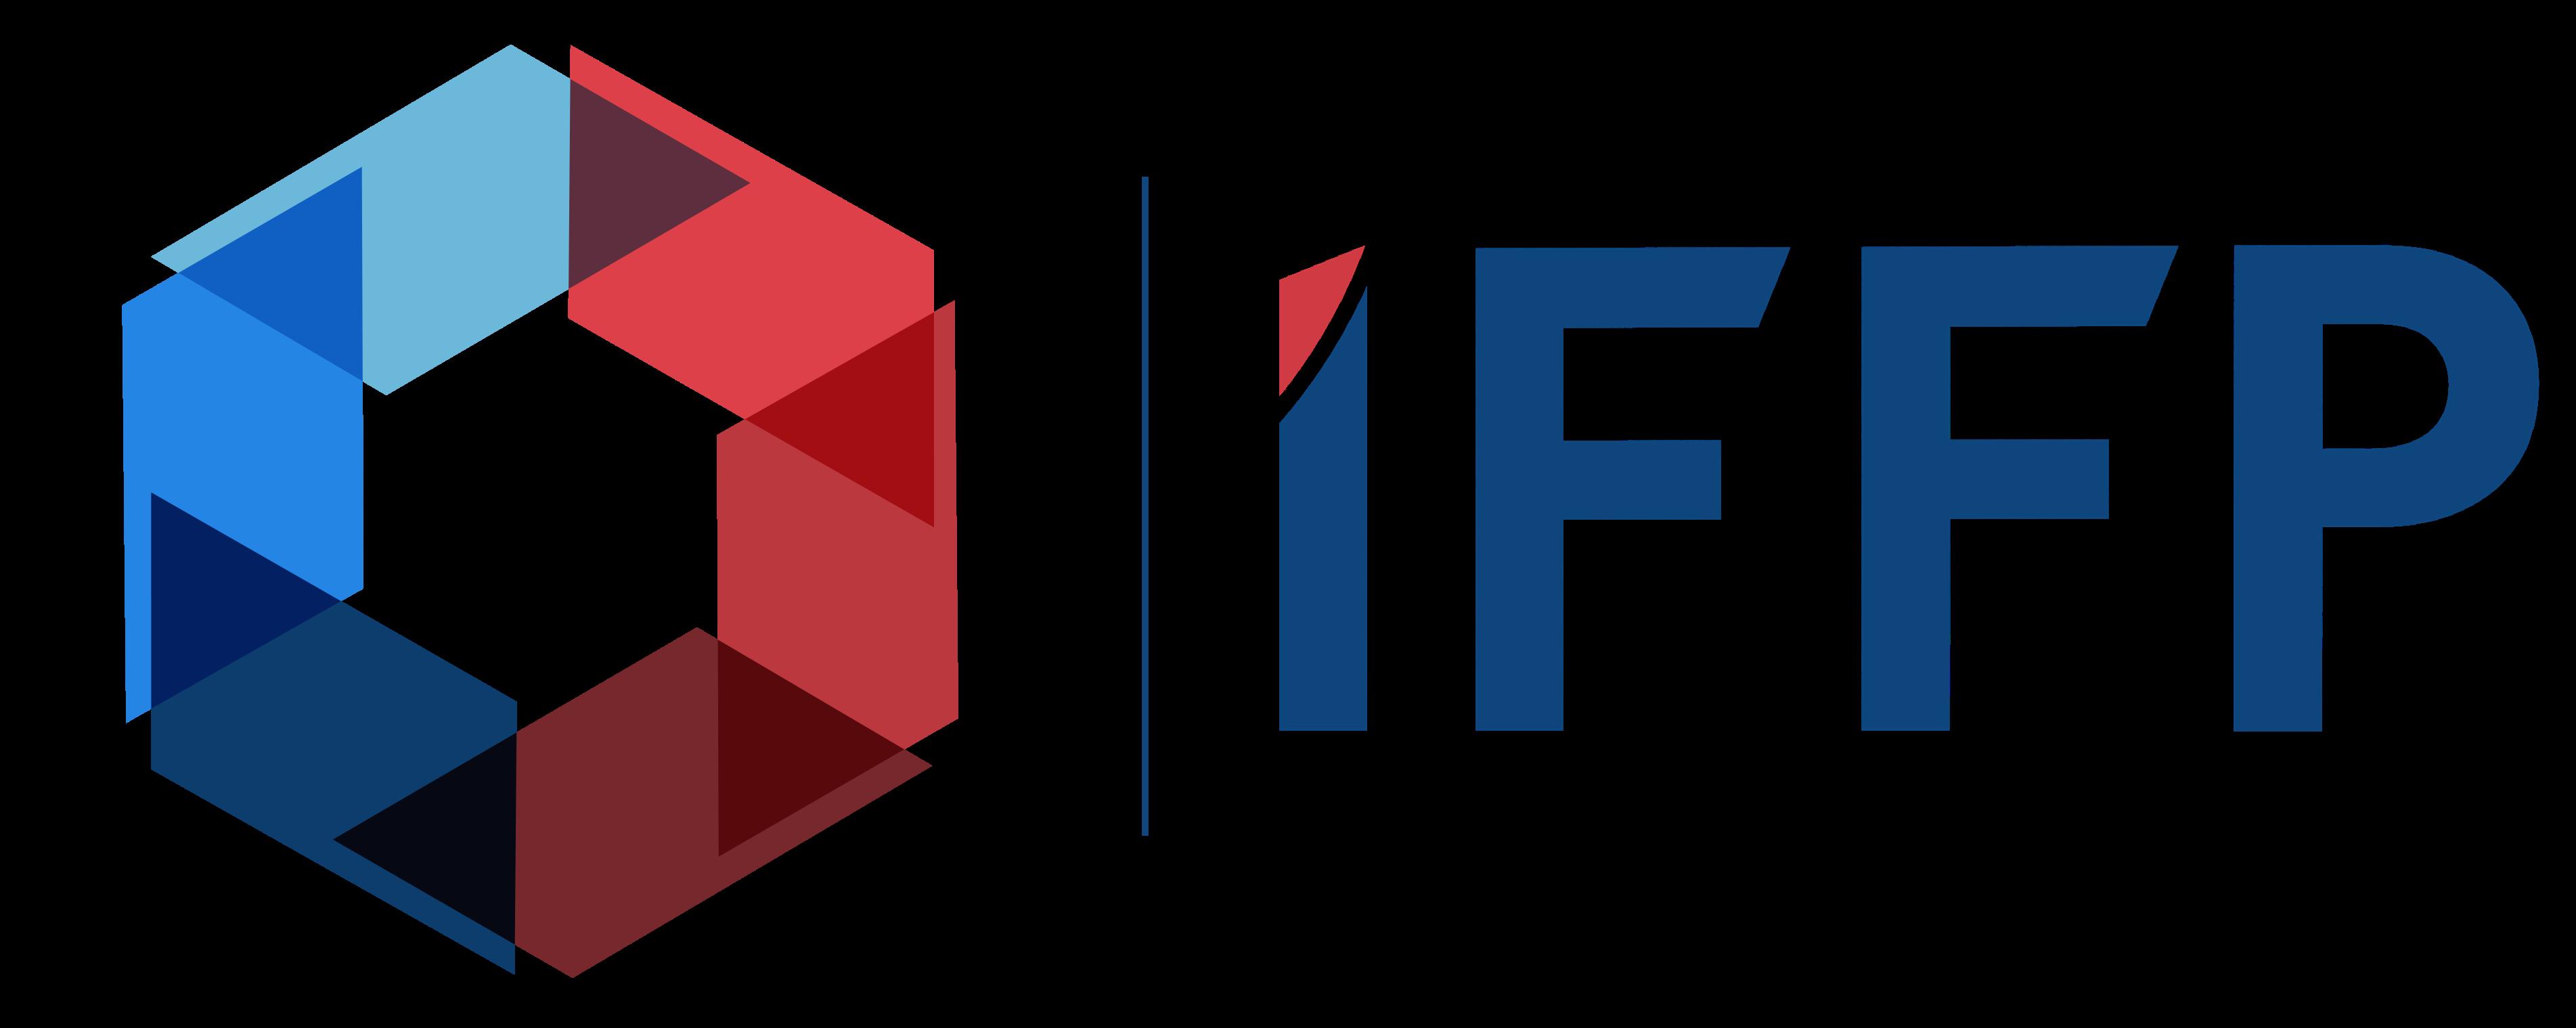 iffp.pro